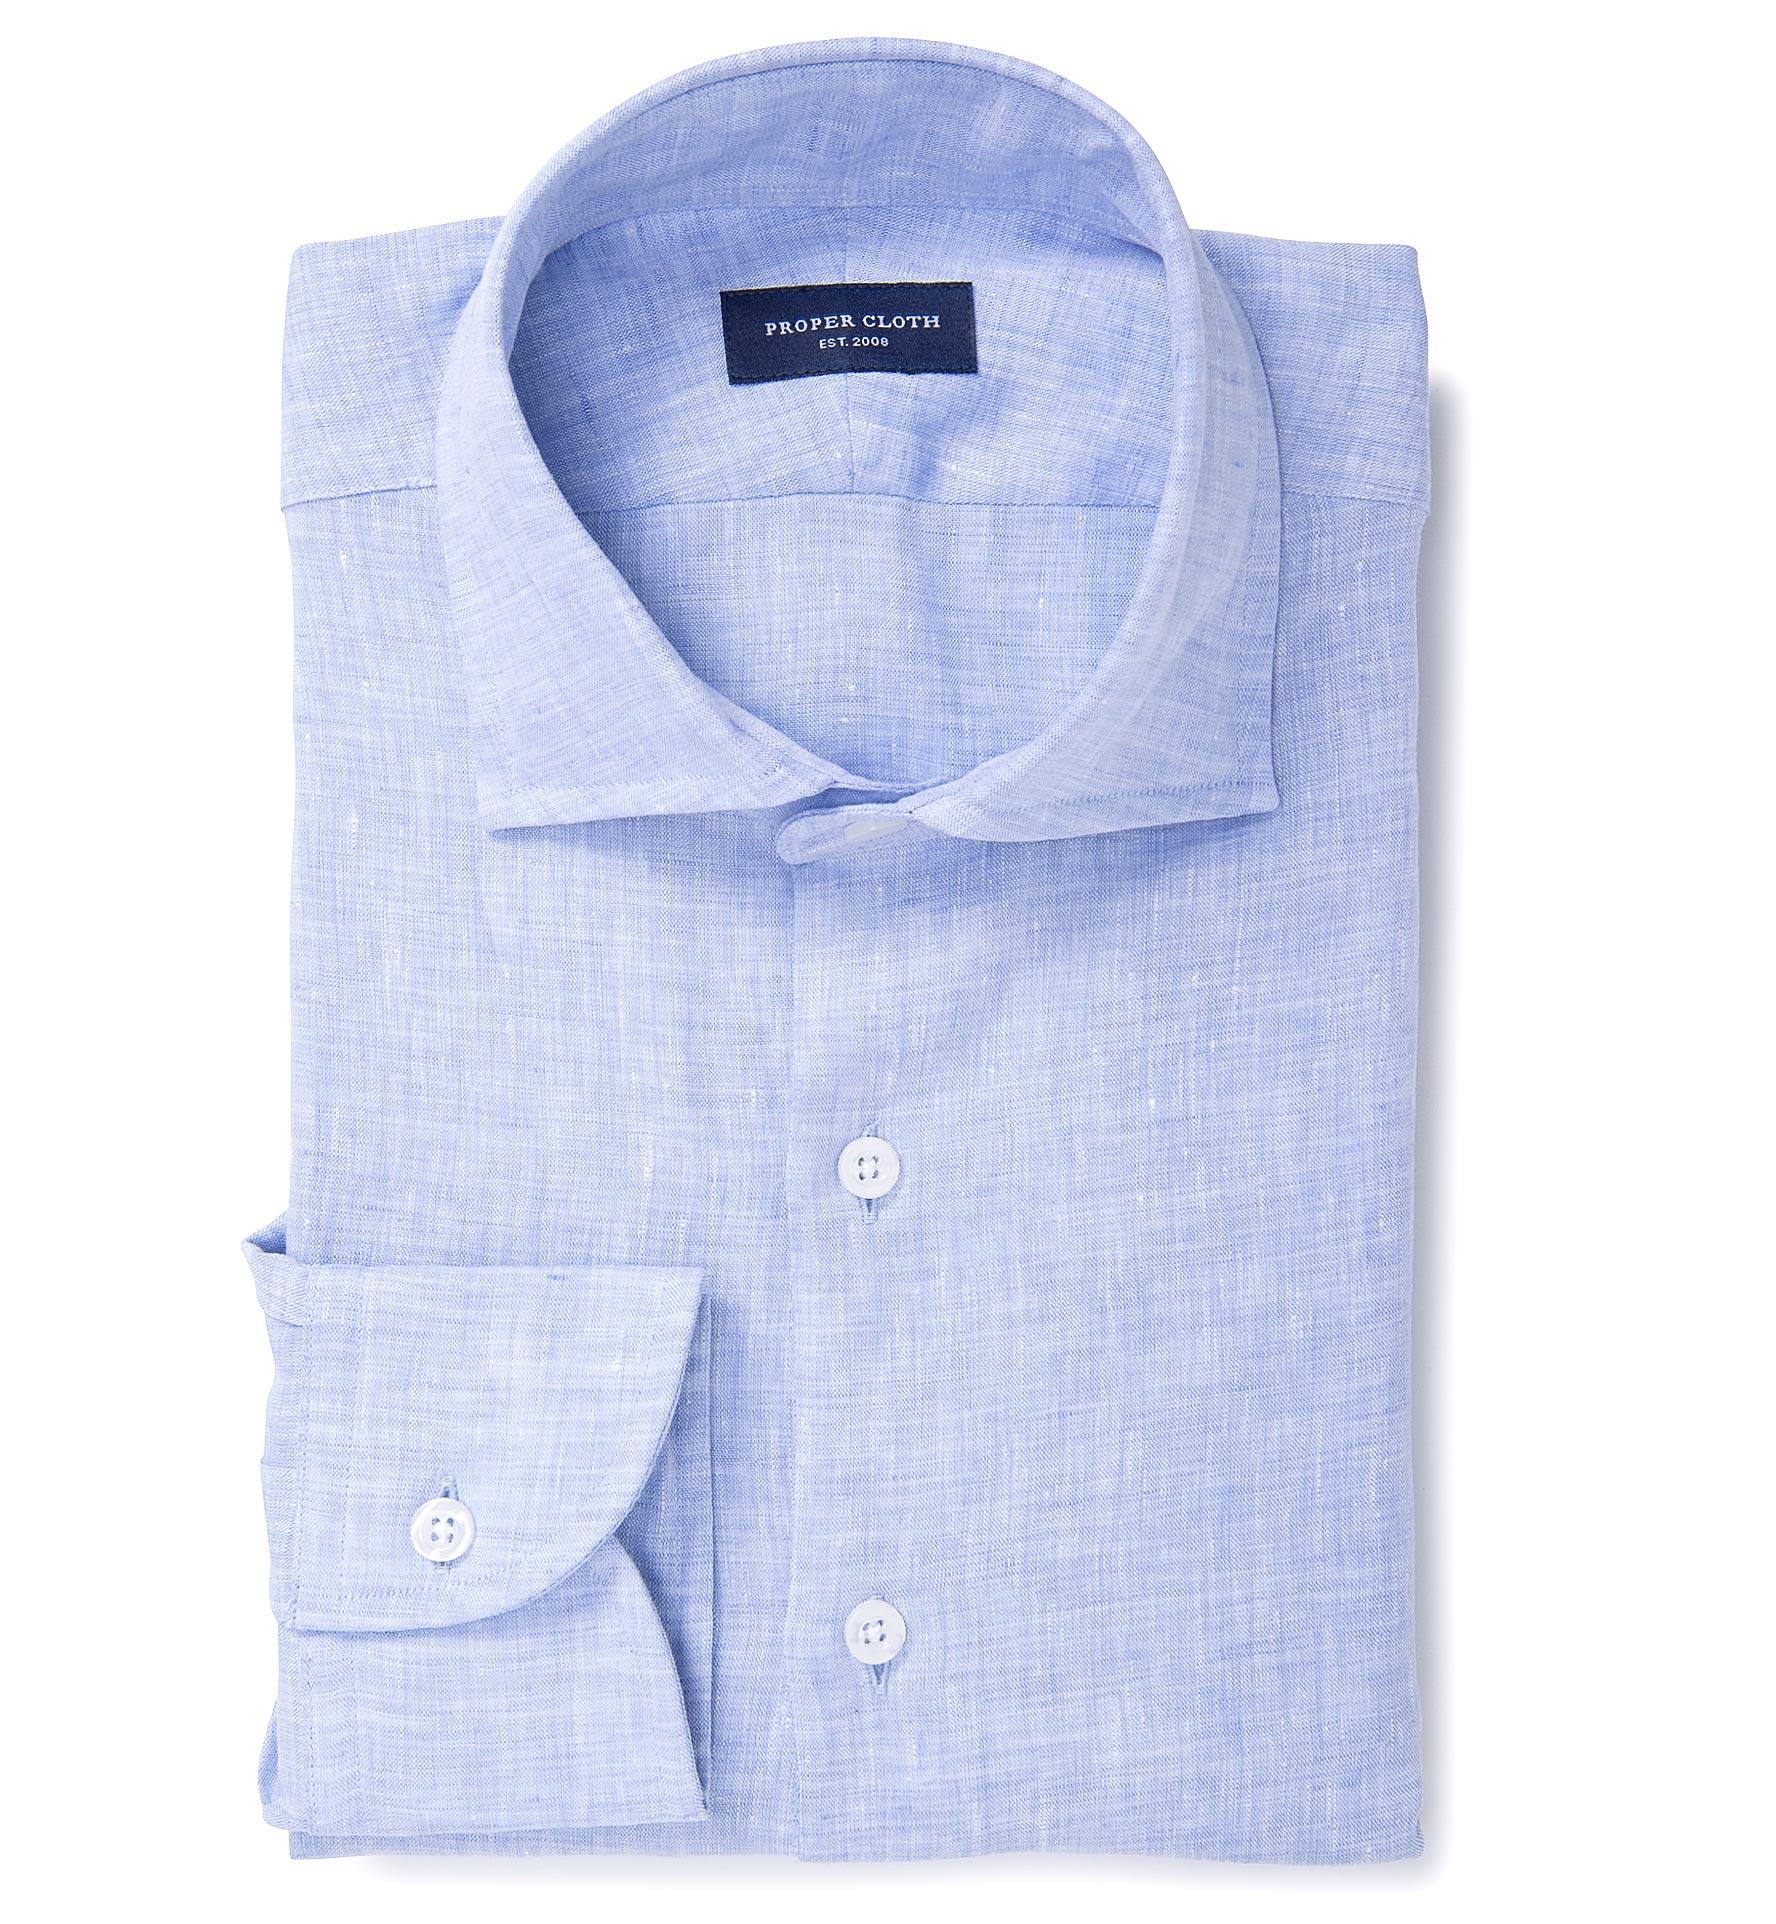 Grandi And Rubinelli Washed Light Blue Linen Dress Shirt